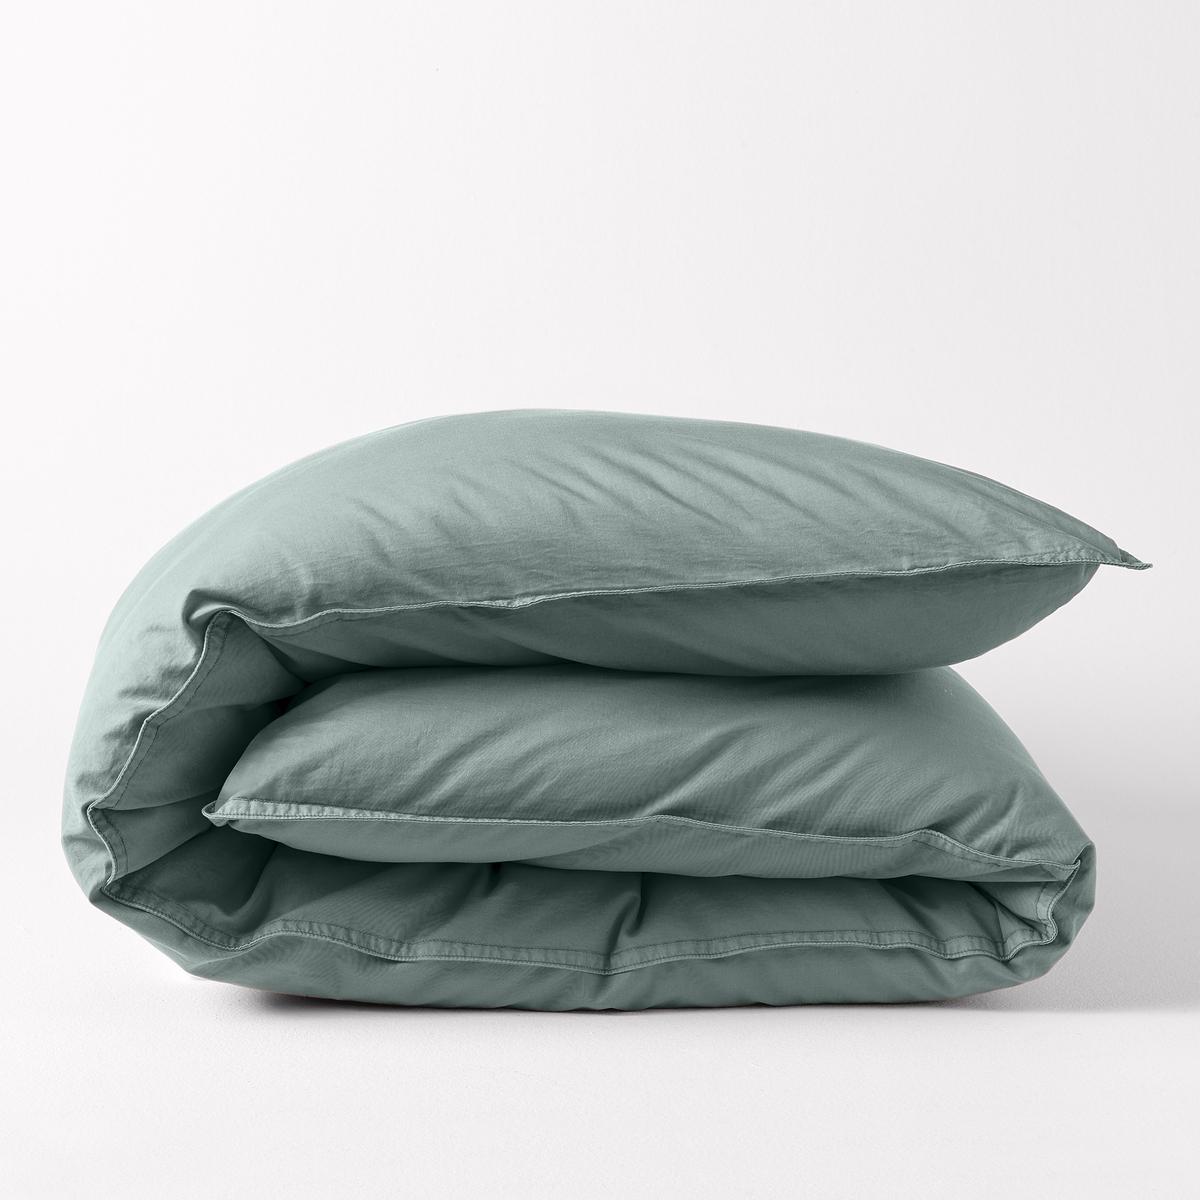 Пододеяльник YvonniРазмеры: 140 x 200 см : 1-спальный.200 х 200 см : 1-2-спальный.240 х 220 см : 2-спальный.- 260 х 240 см : 2-спальный.<br><br>Цвет: мандариновый,серо-зеленый<br>Размер: 260 x 240  см